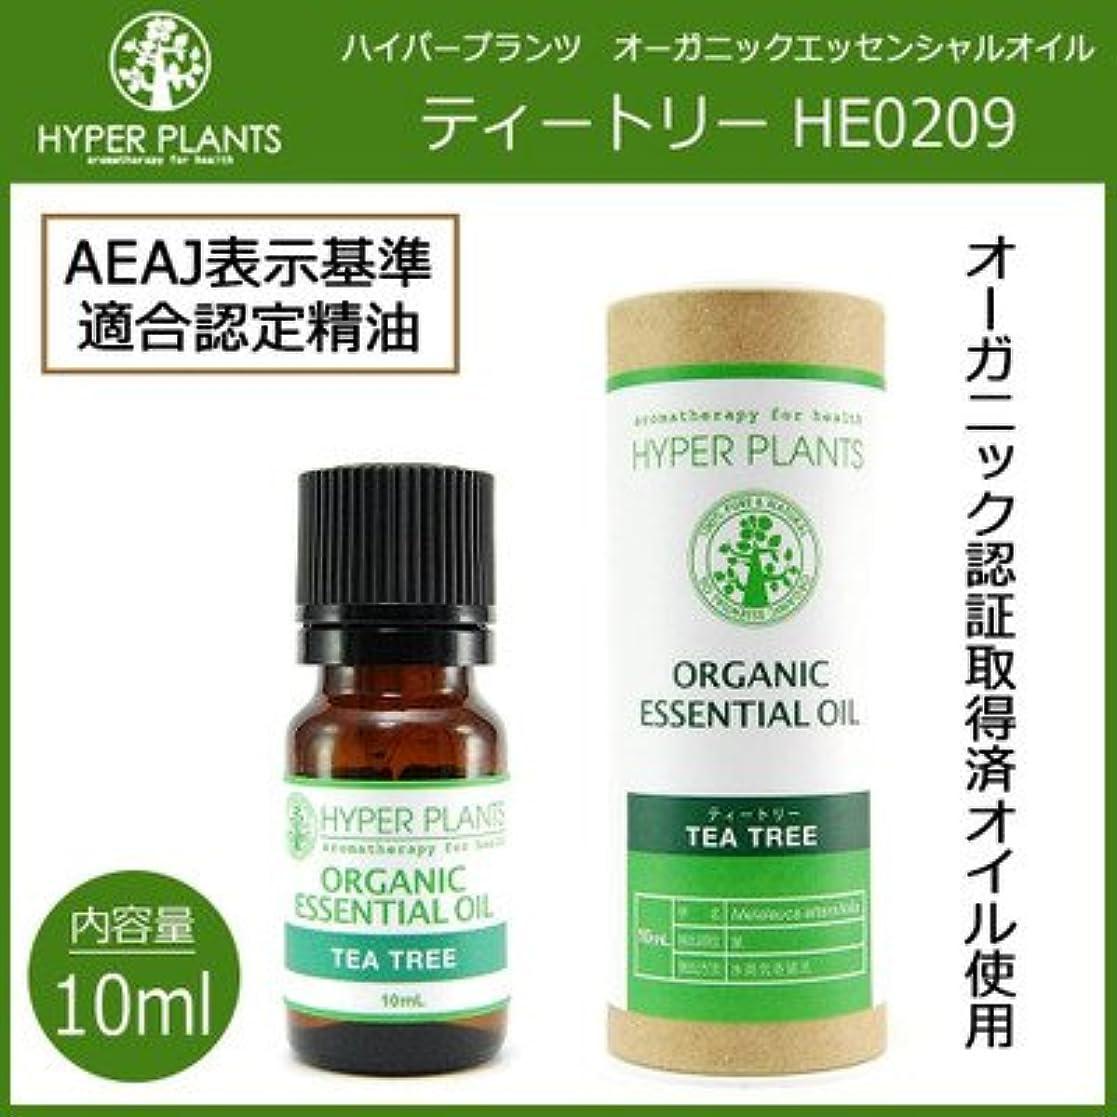 専門知識レンチヘロイン毎日の生活にアロマの香りを HYPER PLANTS ハイパープランツ オーガニックエッセンシャルオイル ティートリー 10ml HE0209